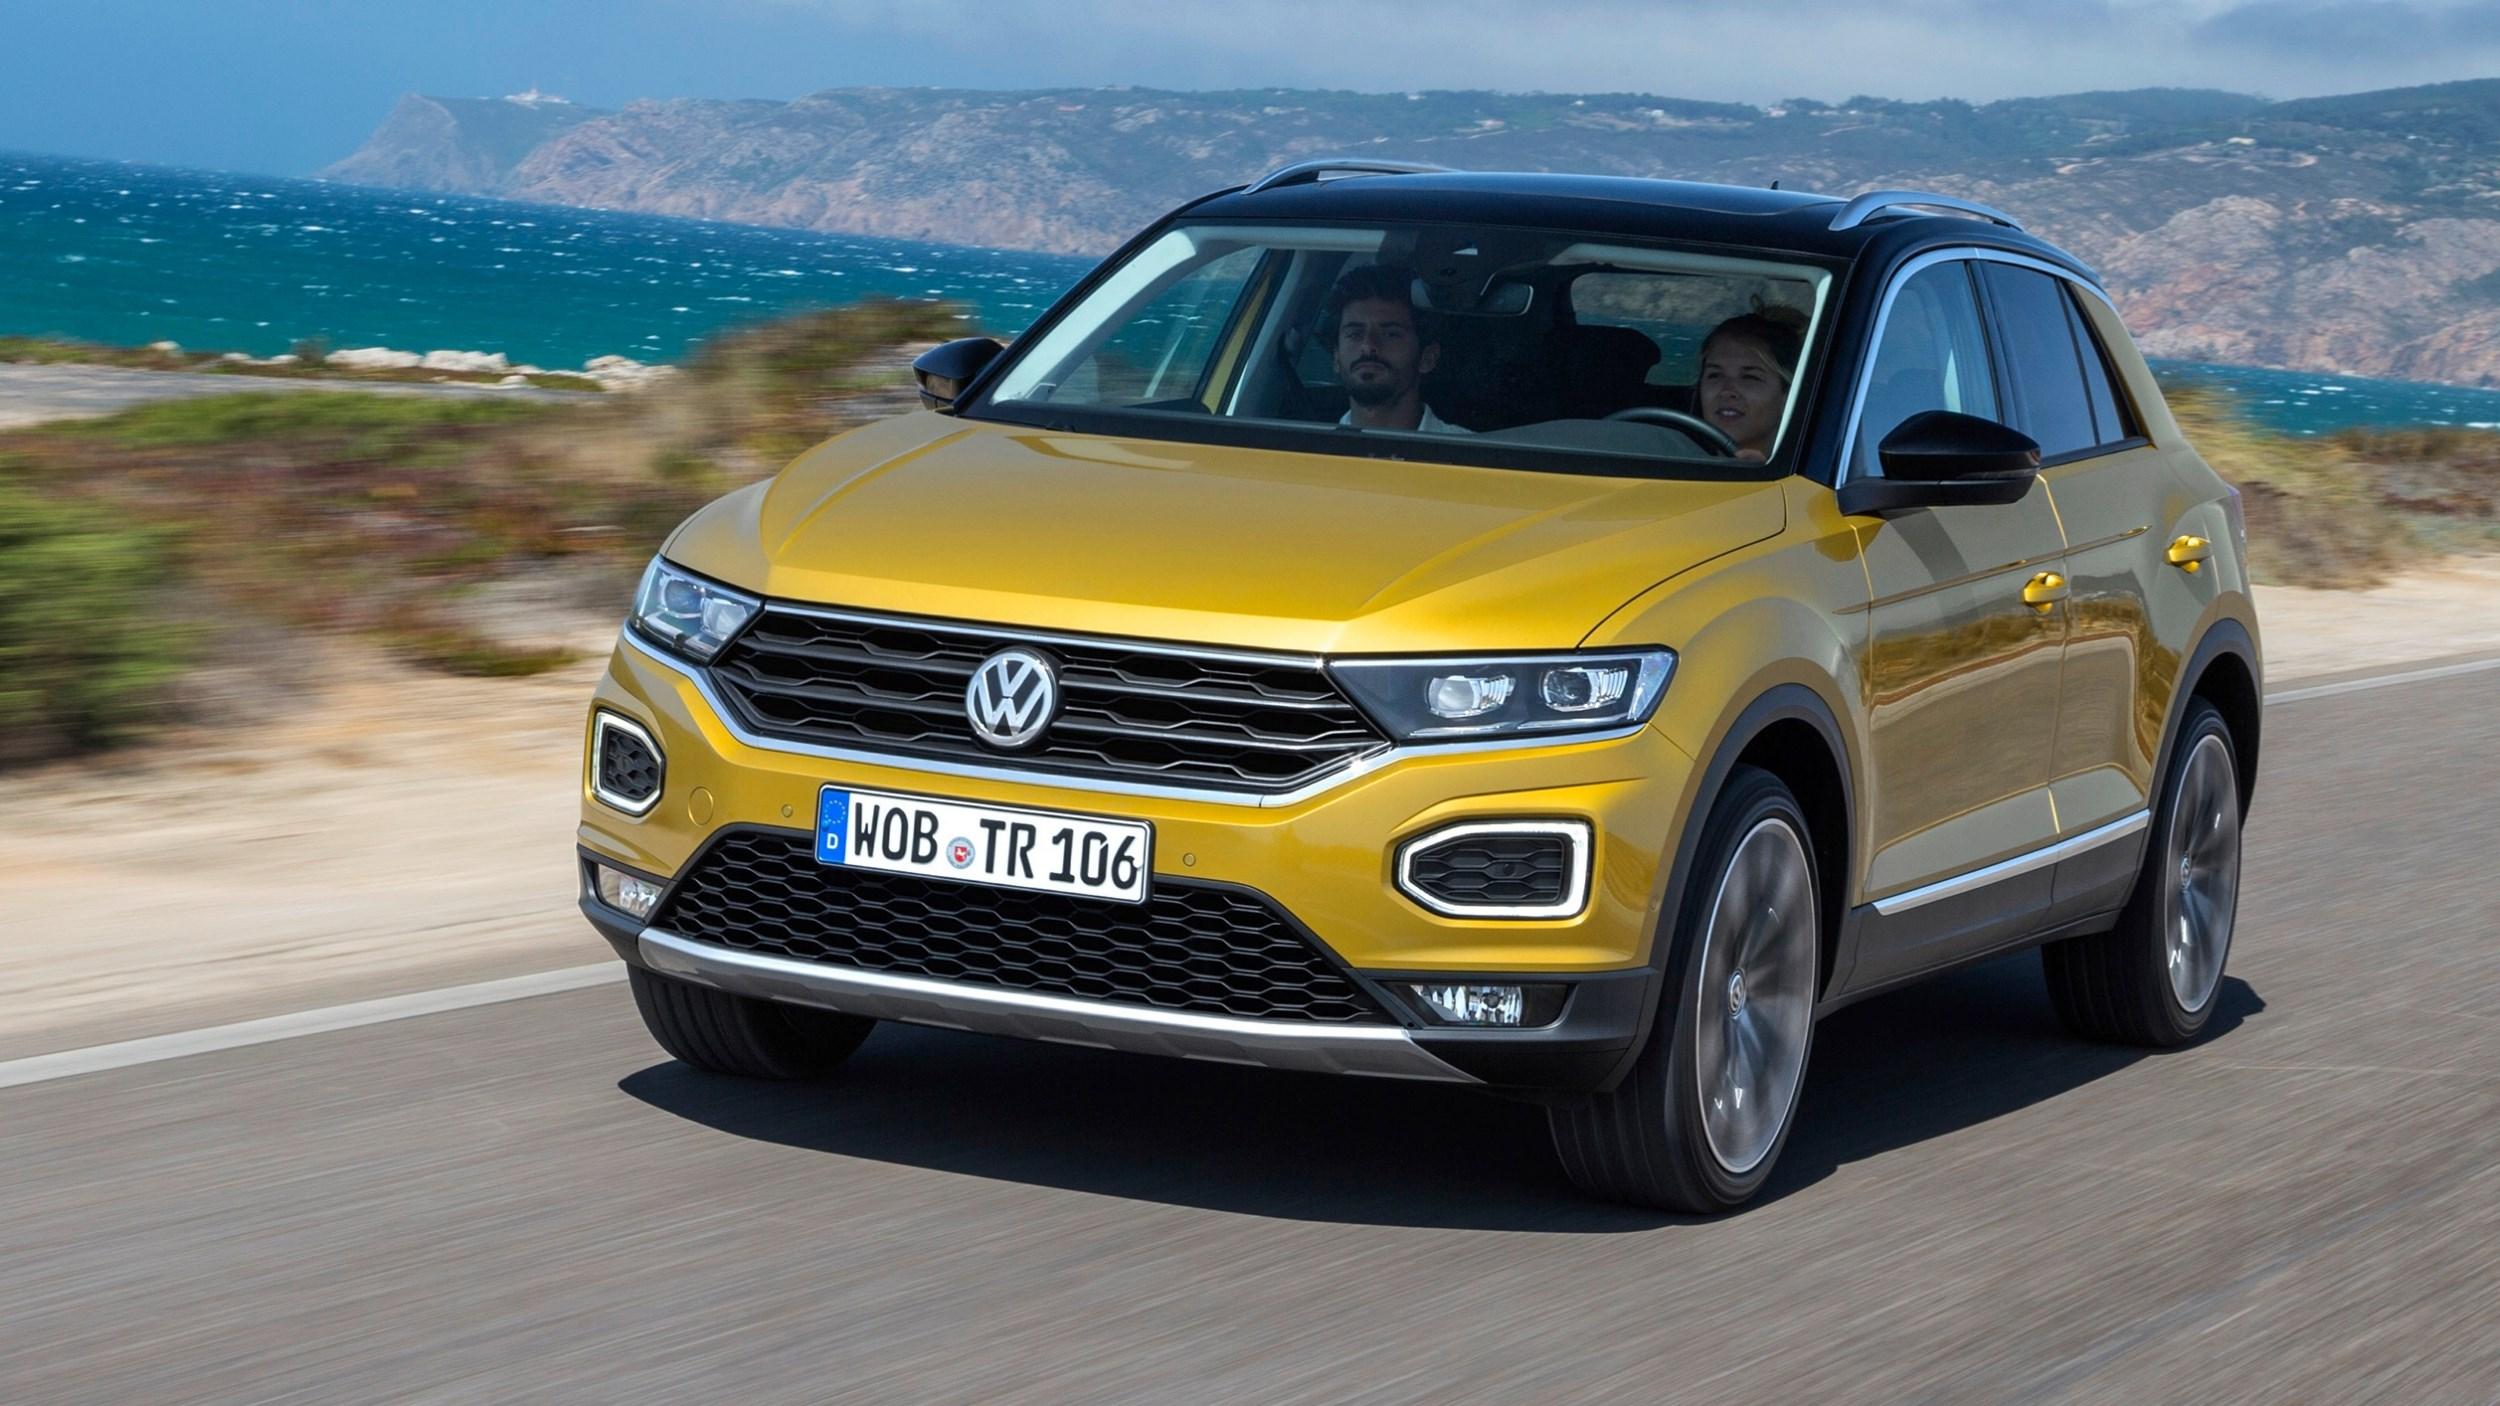 2018 volkswagen wagon. Unique Volkswagen 2018 Volkswagen TRoc 4Motion And Volkswagen Wagon